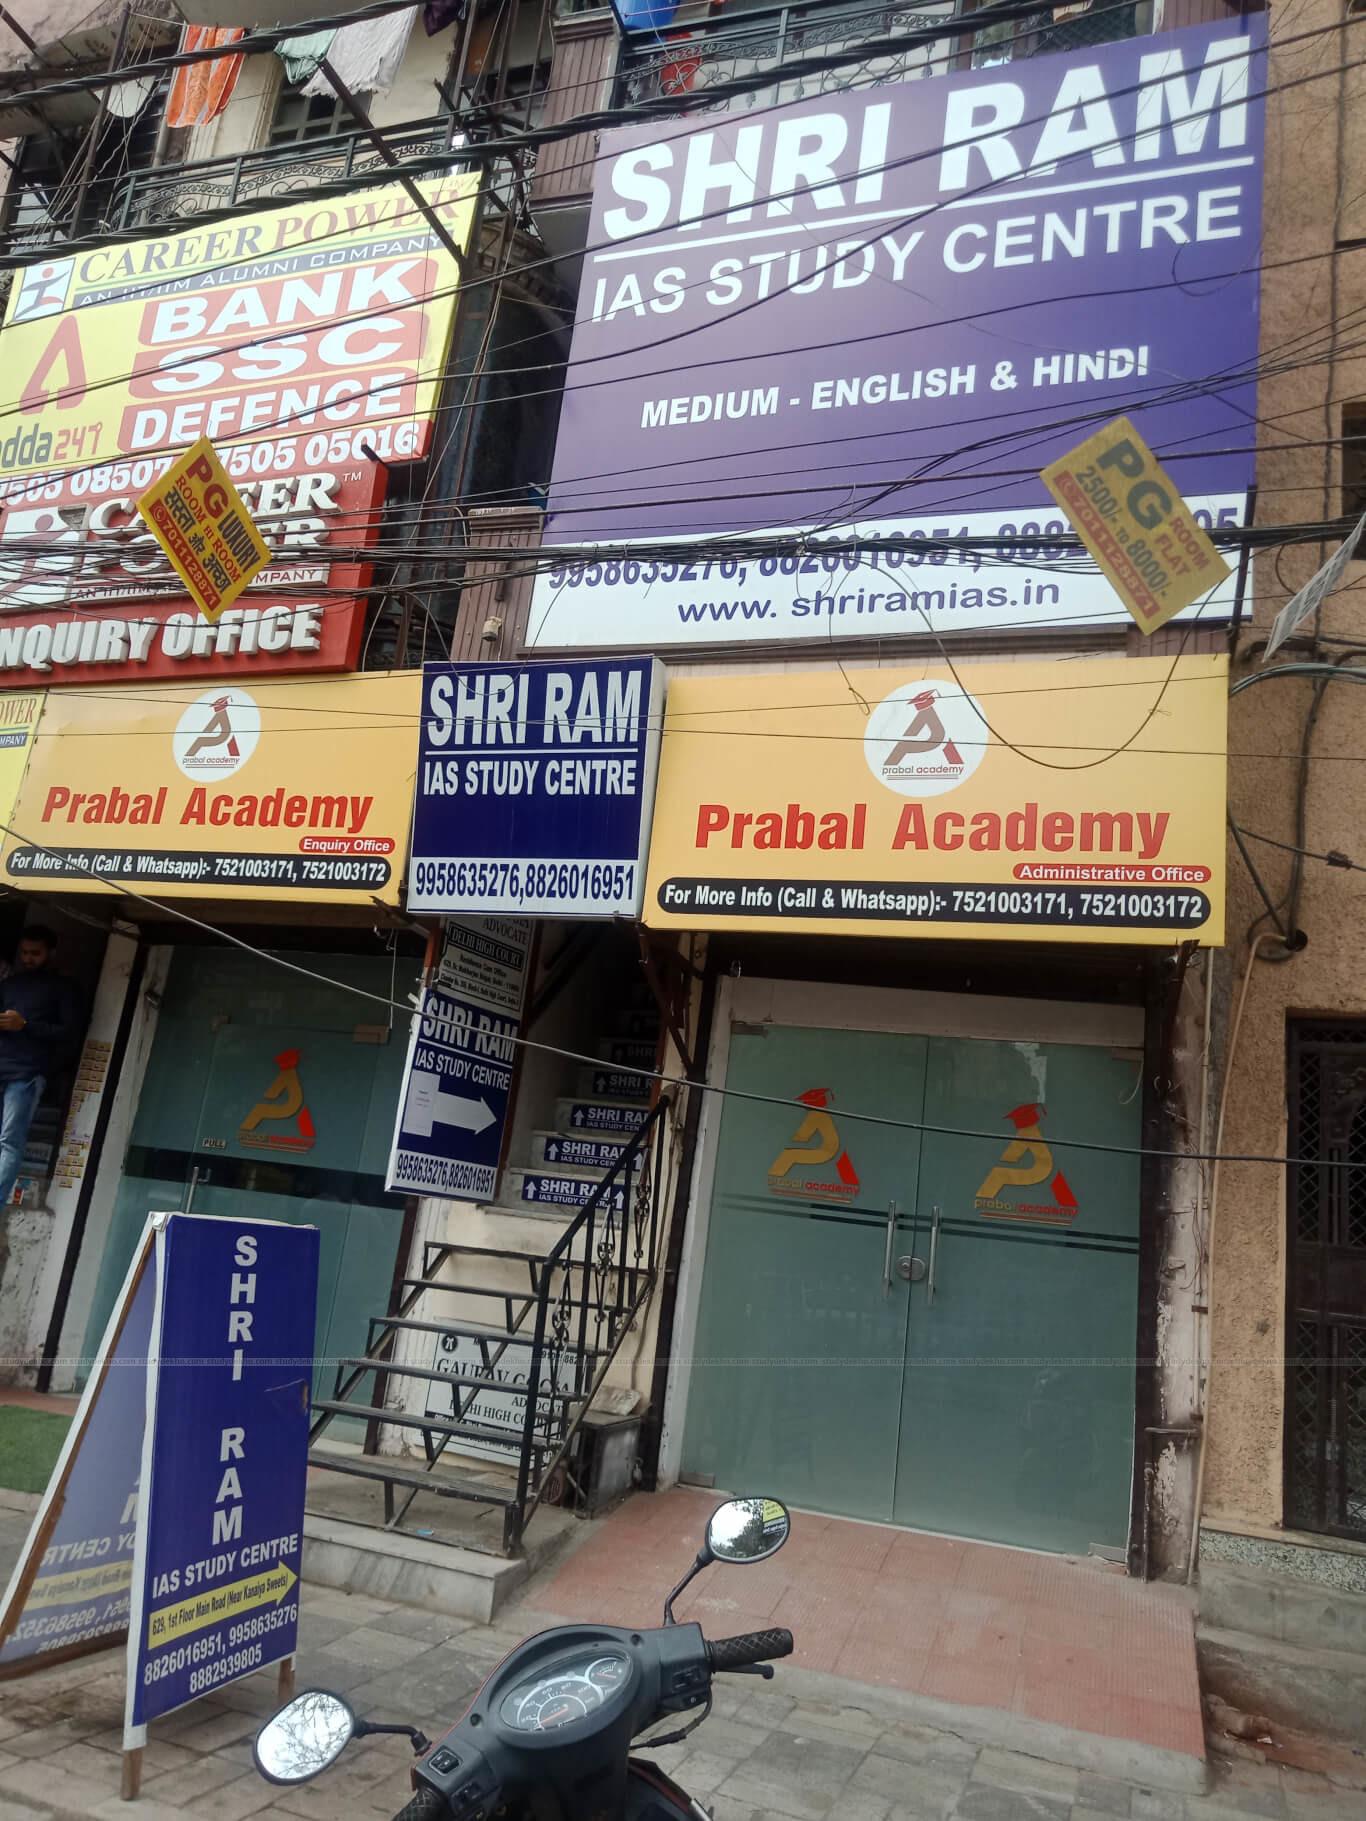 SHRI RAM IAS STUDY CENTRE Gallery